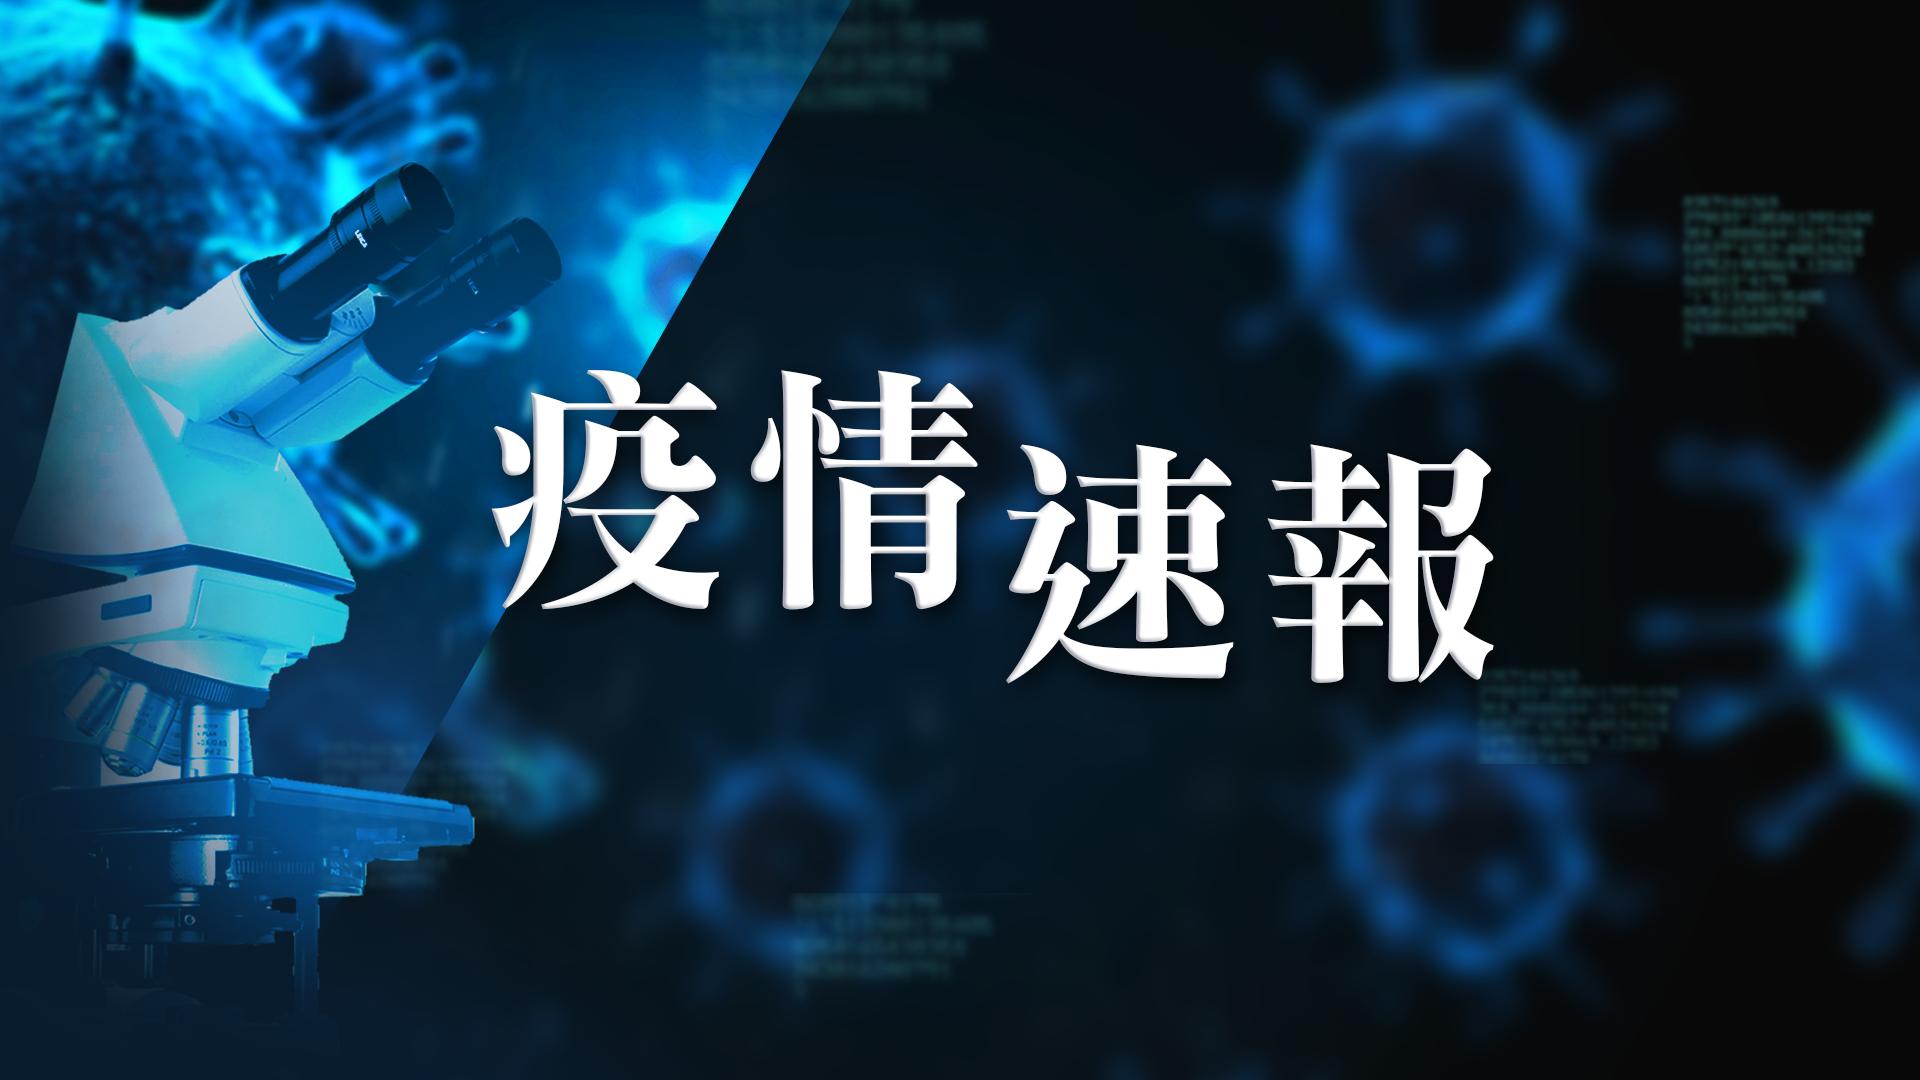 【5月10日疫情速報】(23:30)